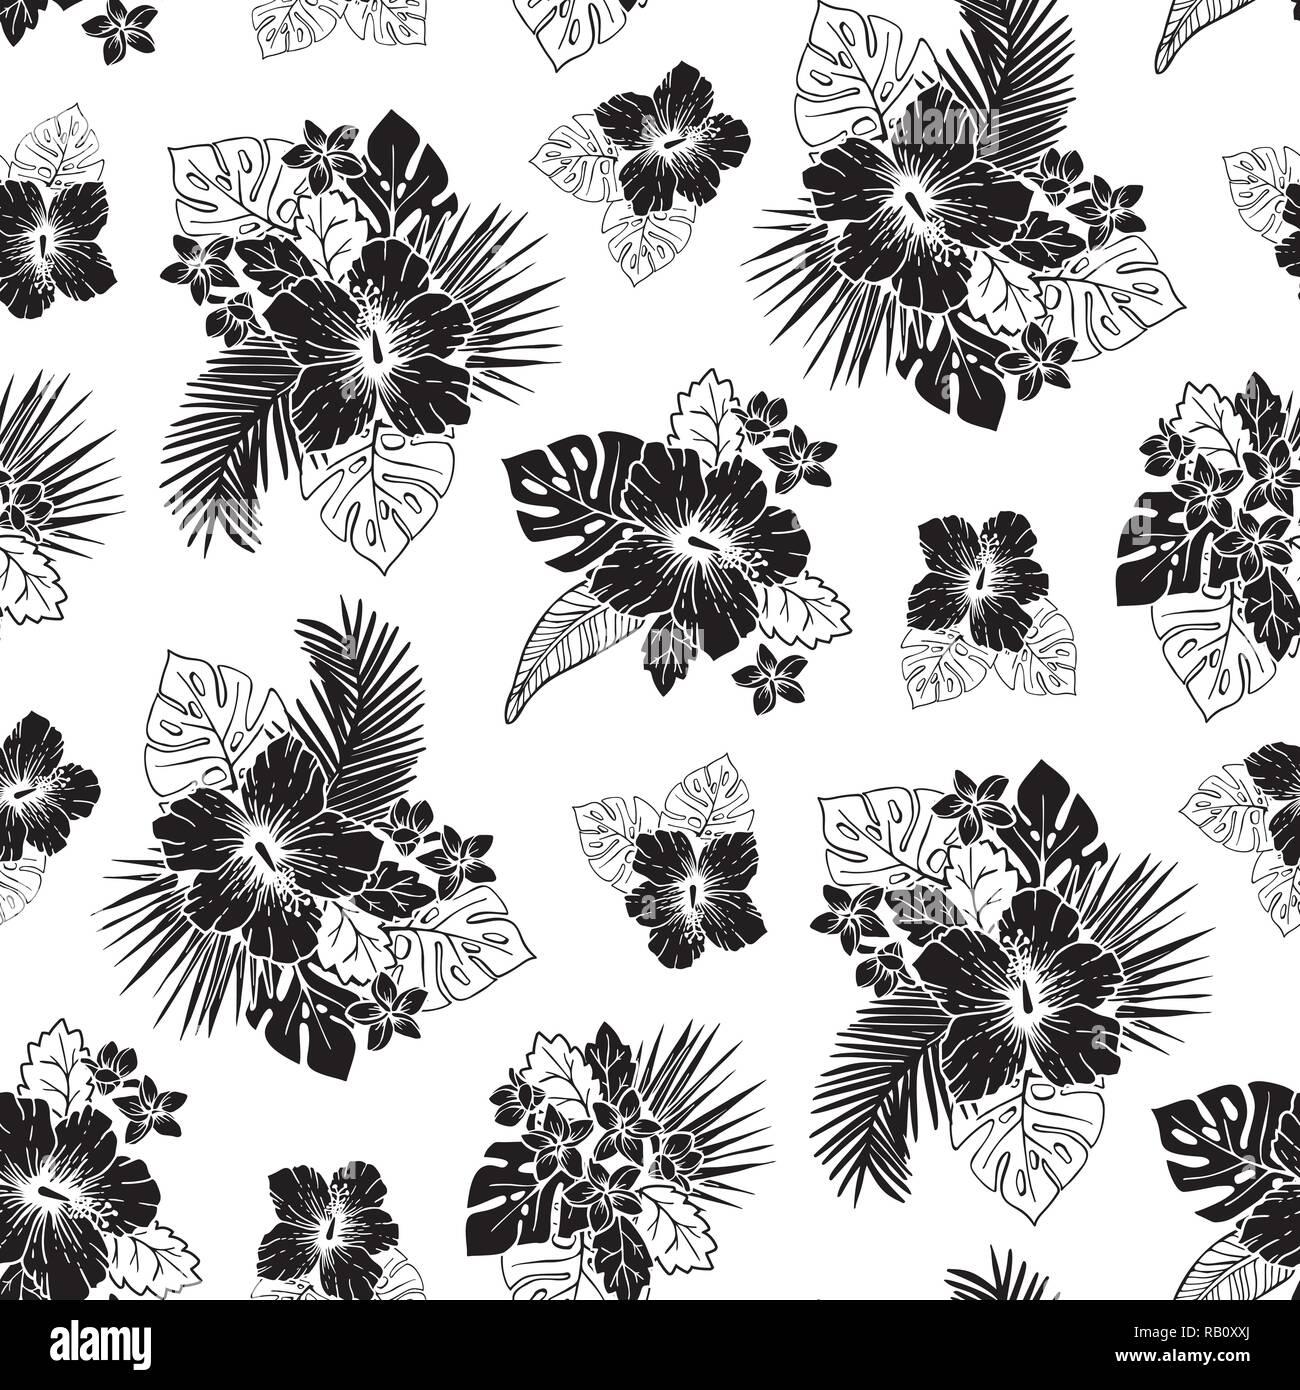 Le Noir Et Blanc Et De Feuillage Exotique Hibiscus Vector